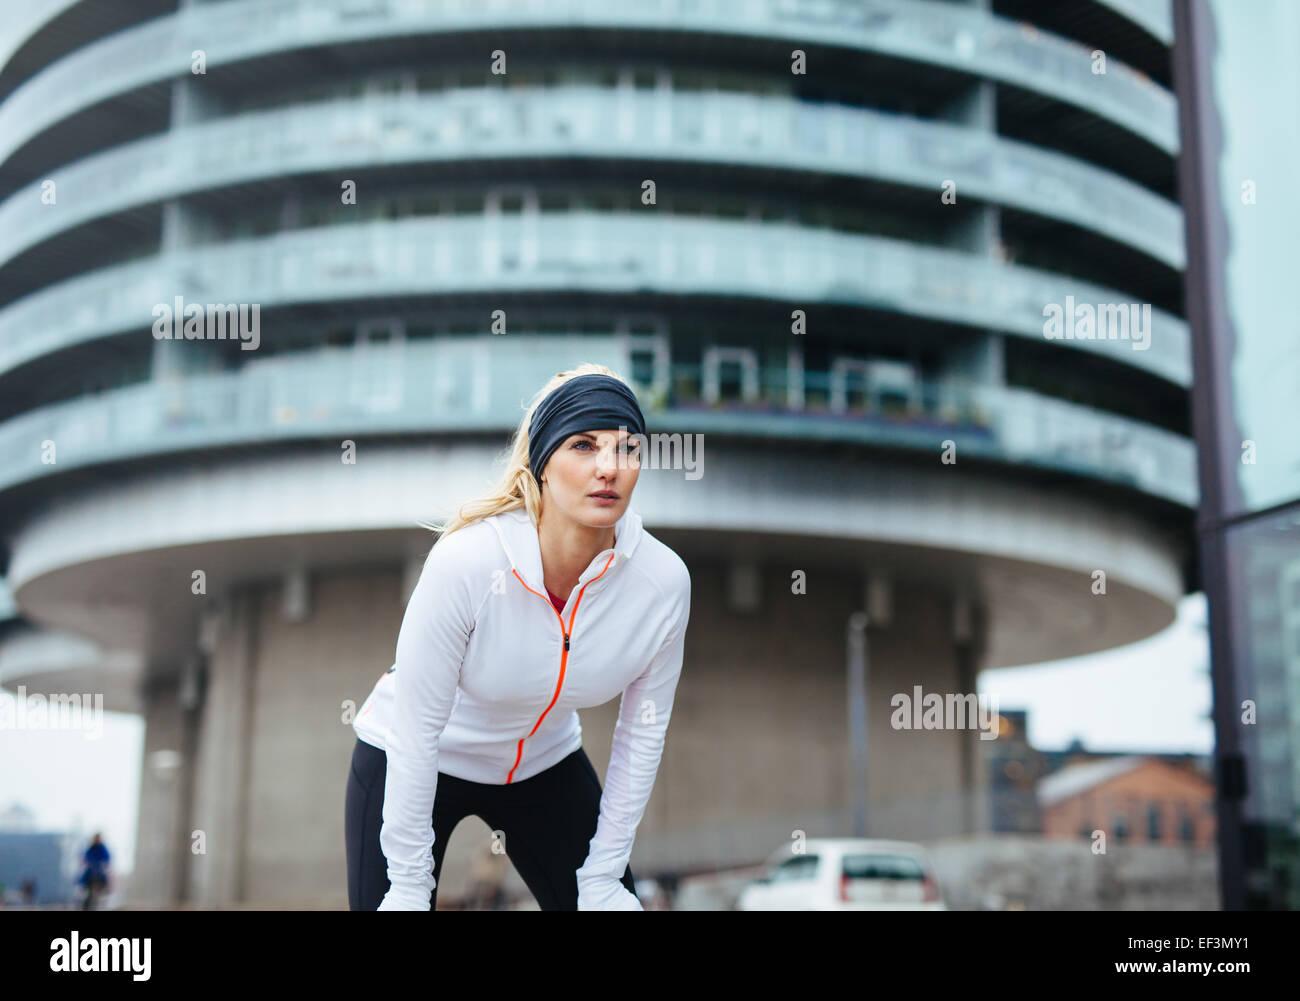 Junge Frau auf Sport Training im Freien ausüben. Frauen Fitness Sportler trainieren für gesunden Lebensstil. Stockbild